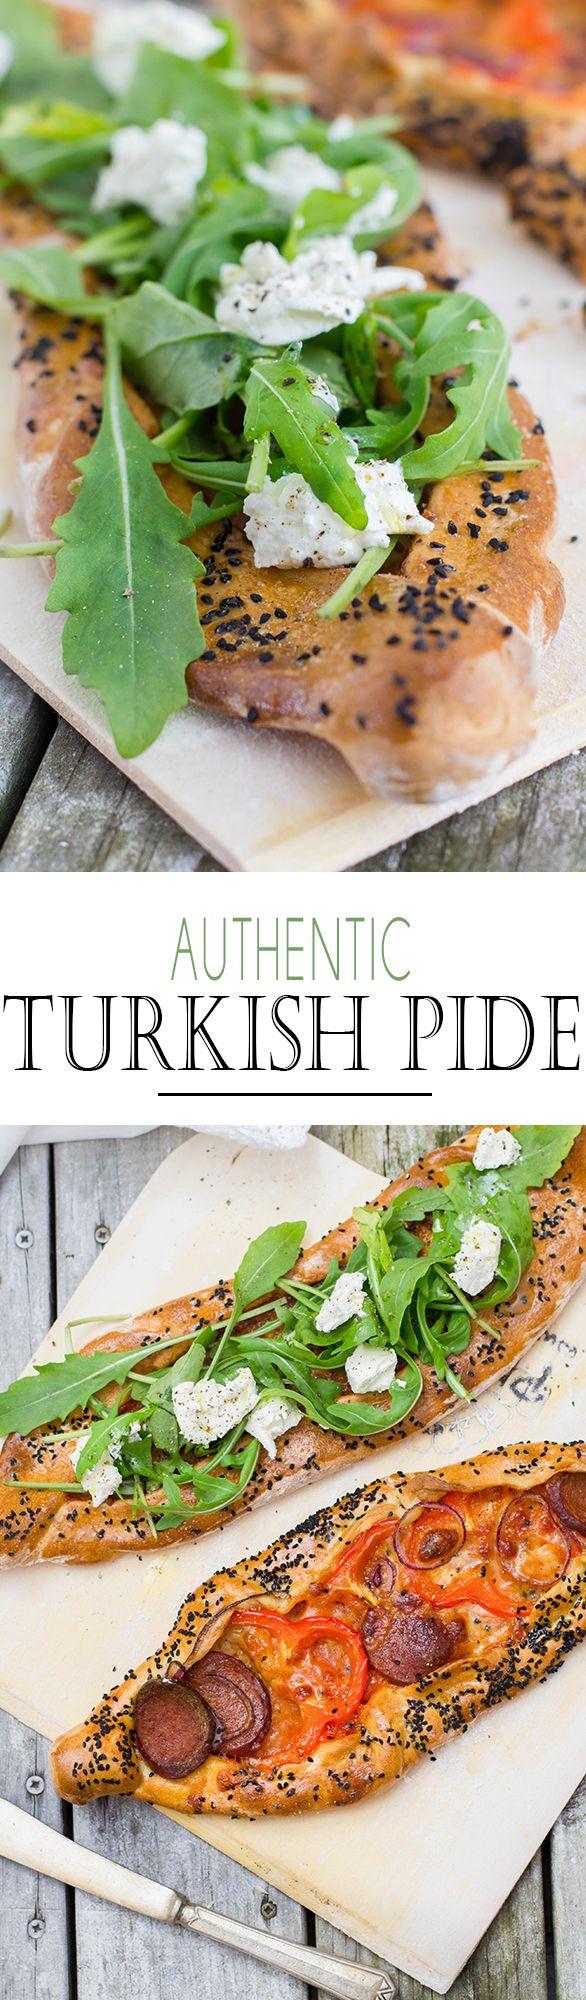 Authentic Turkish Pide Pizza with Sucu, Arugula and goat cheese | Türkische Pide mit Sucuk, Rucola und Ziegenkäse